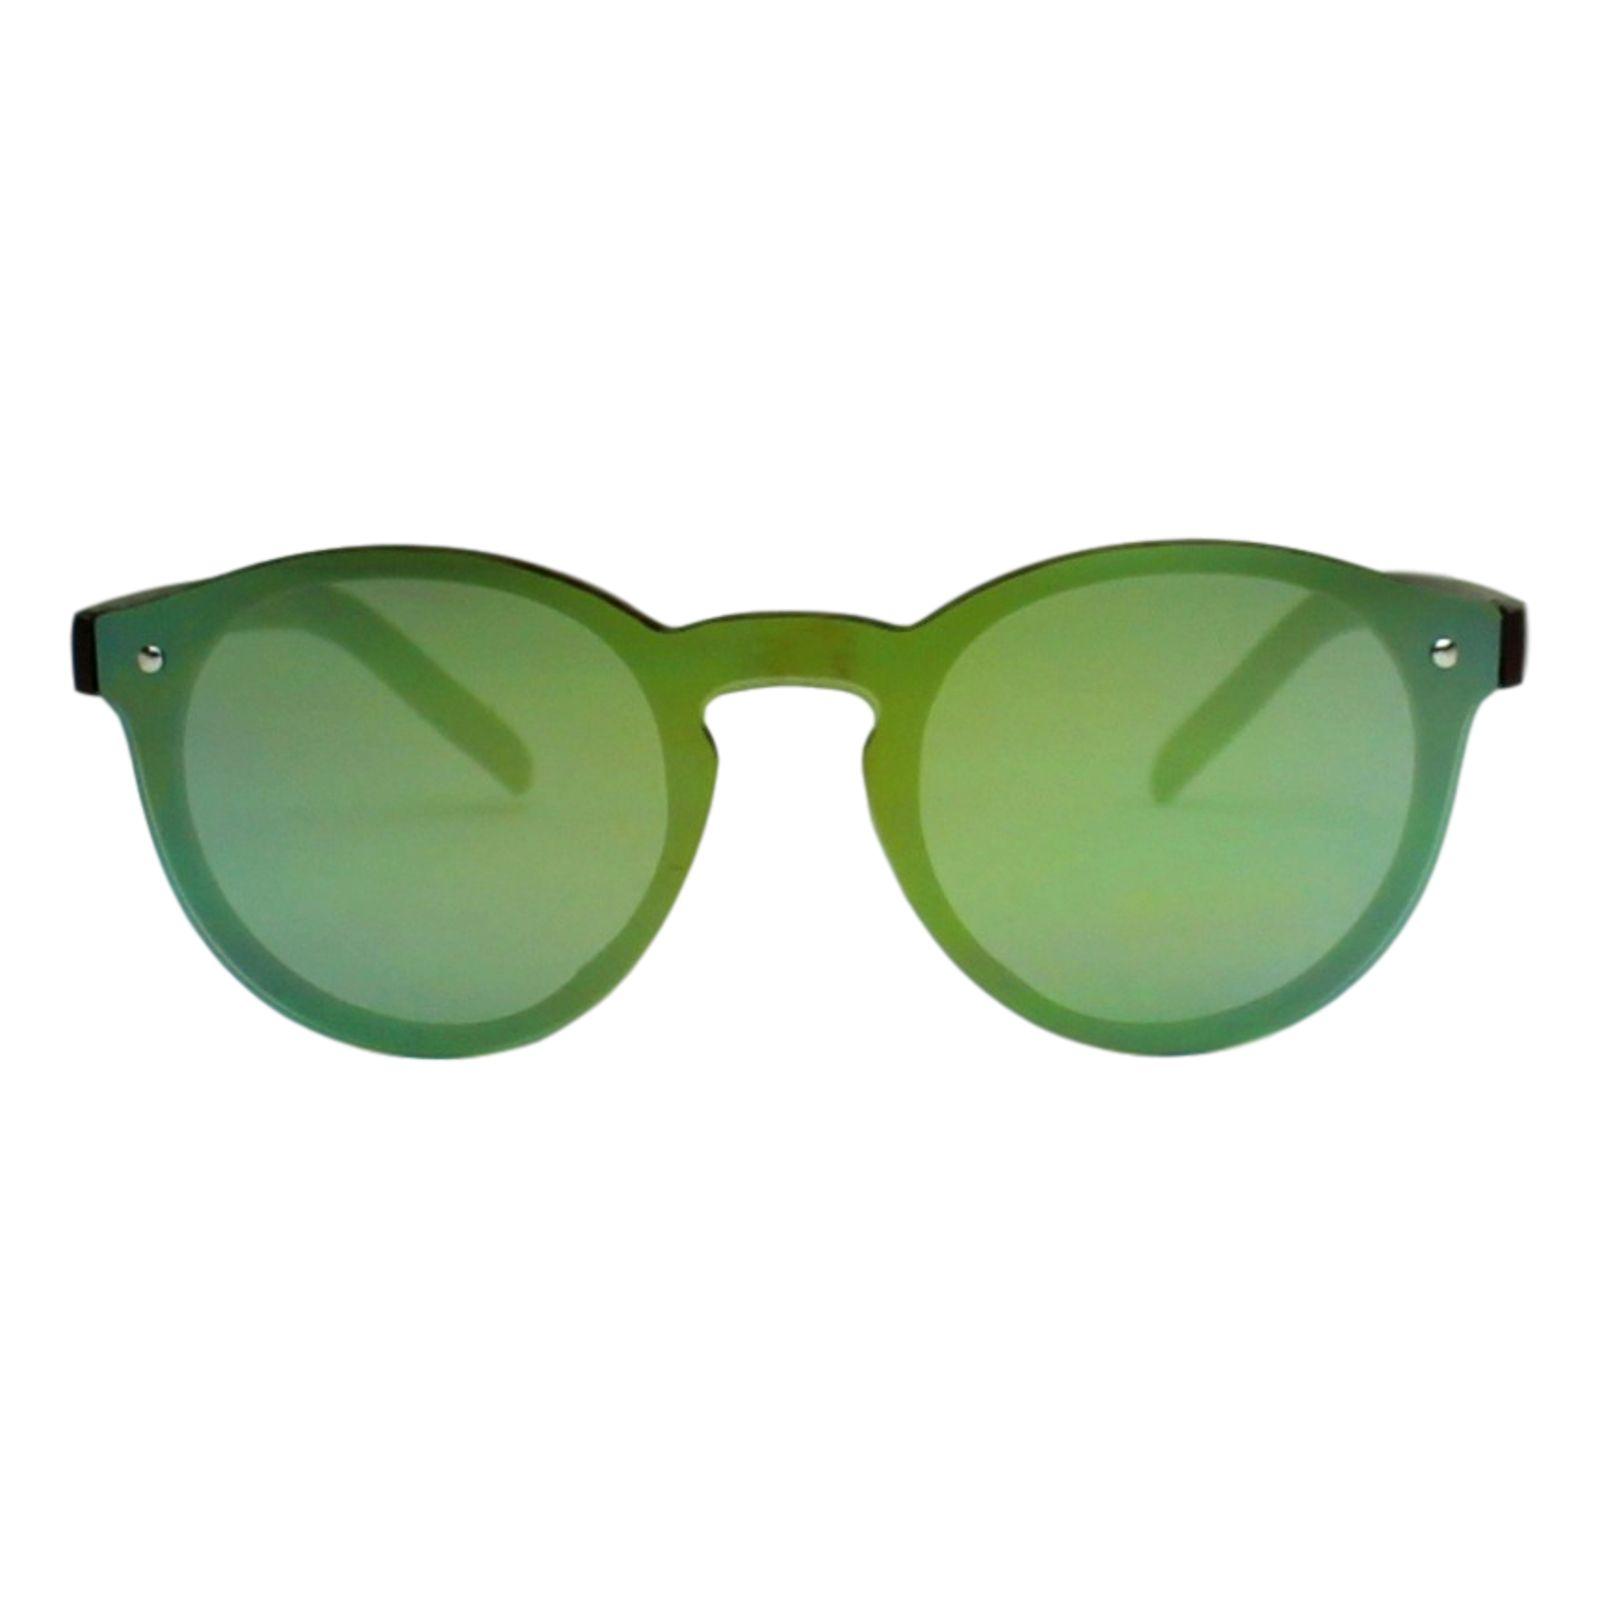 Óculos de Sol Díspar ID1897 infantil idade 6 a 9 anos Verde